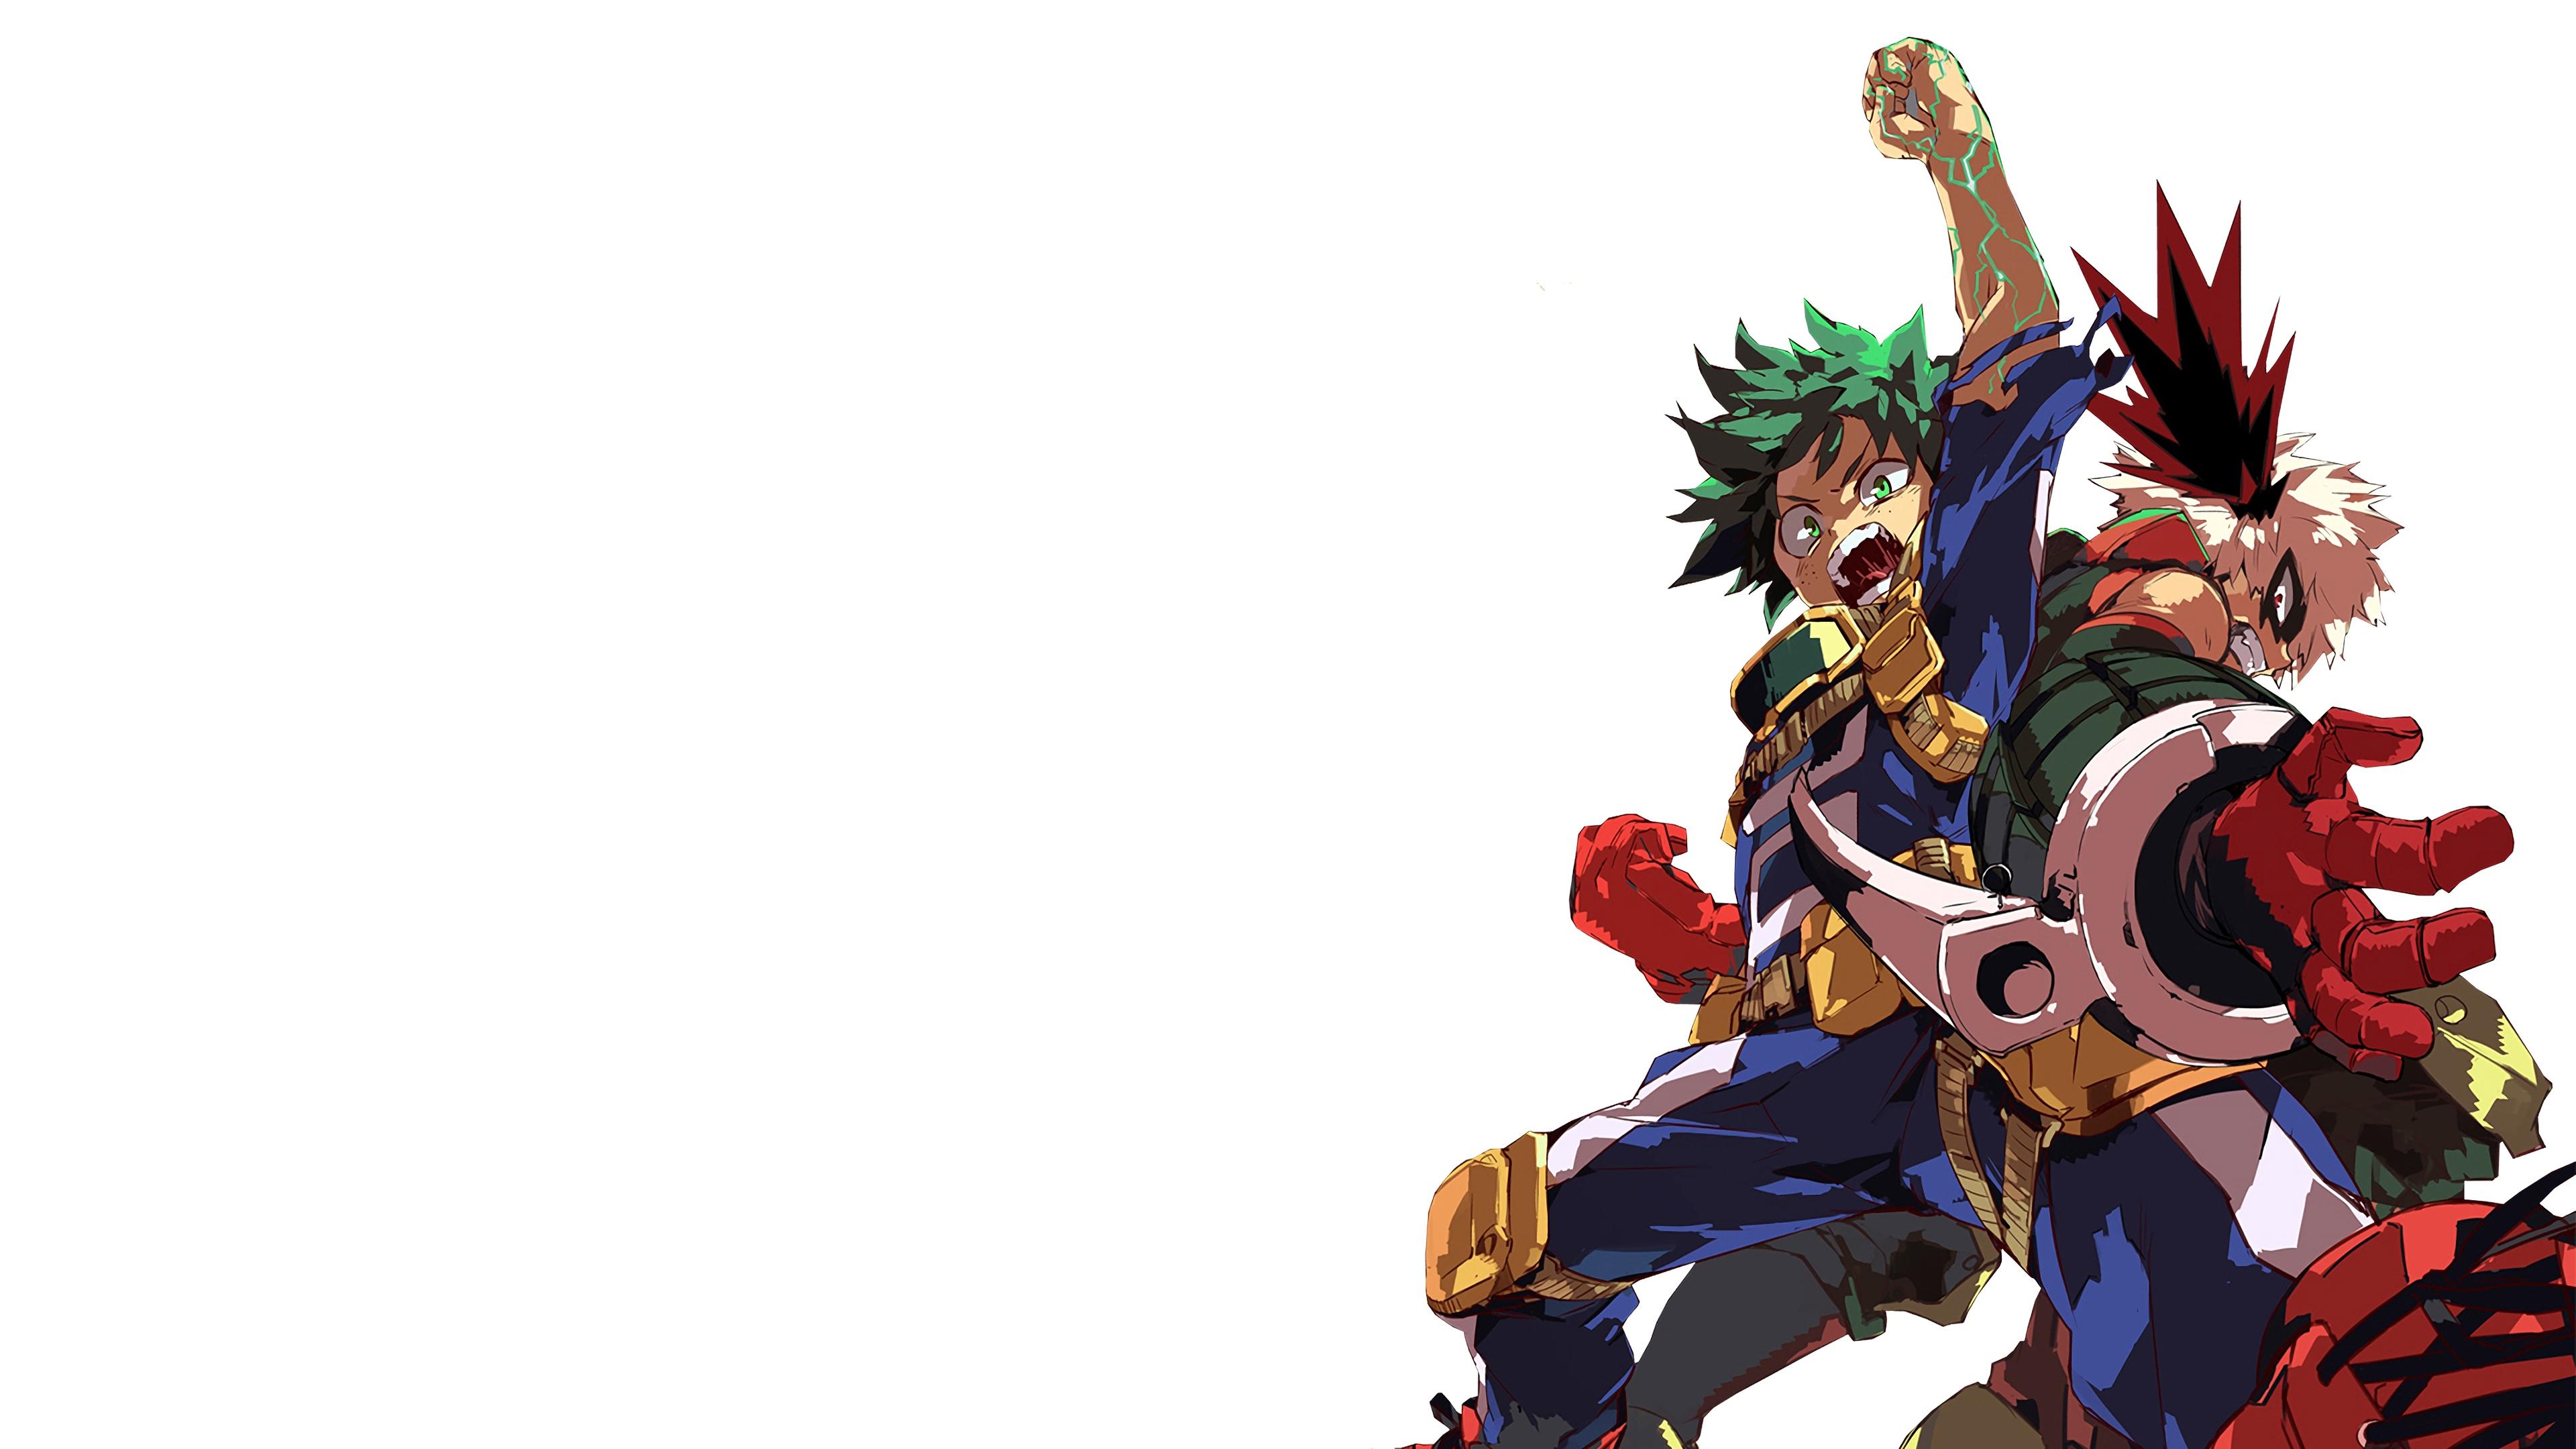 Boku no Hero background 37